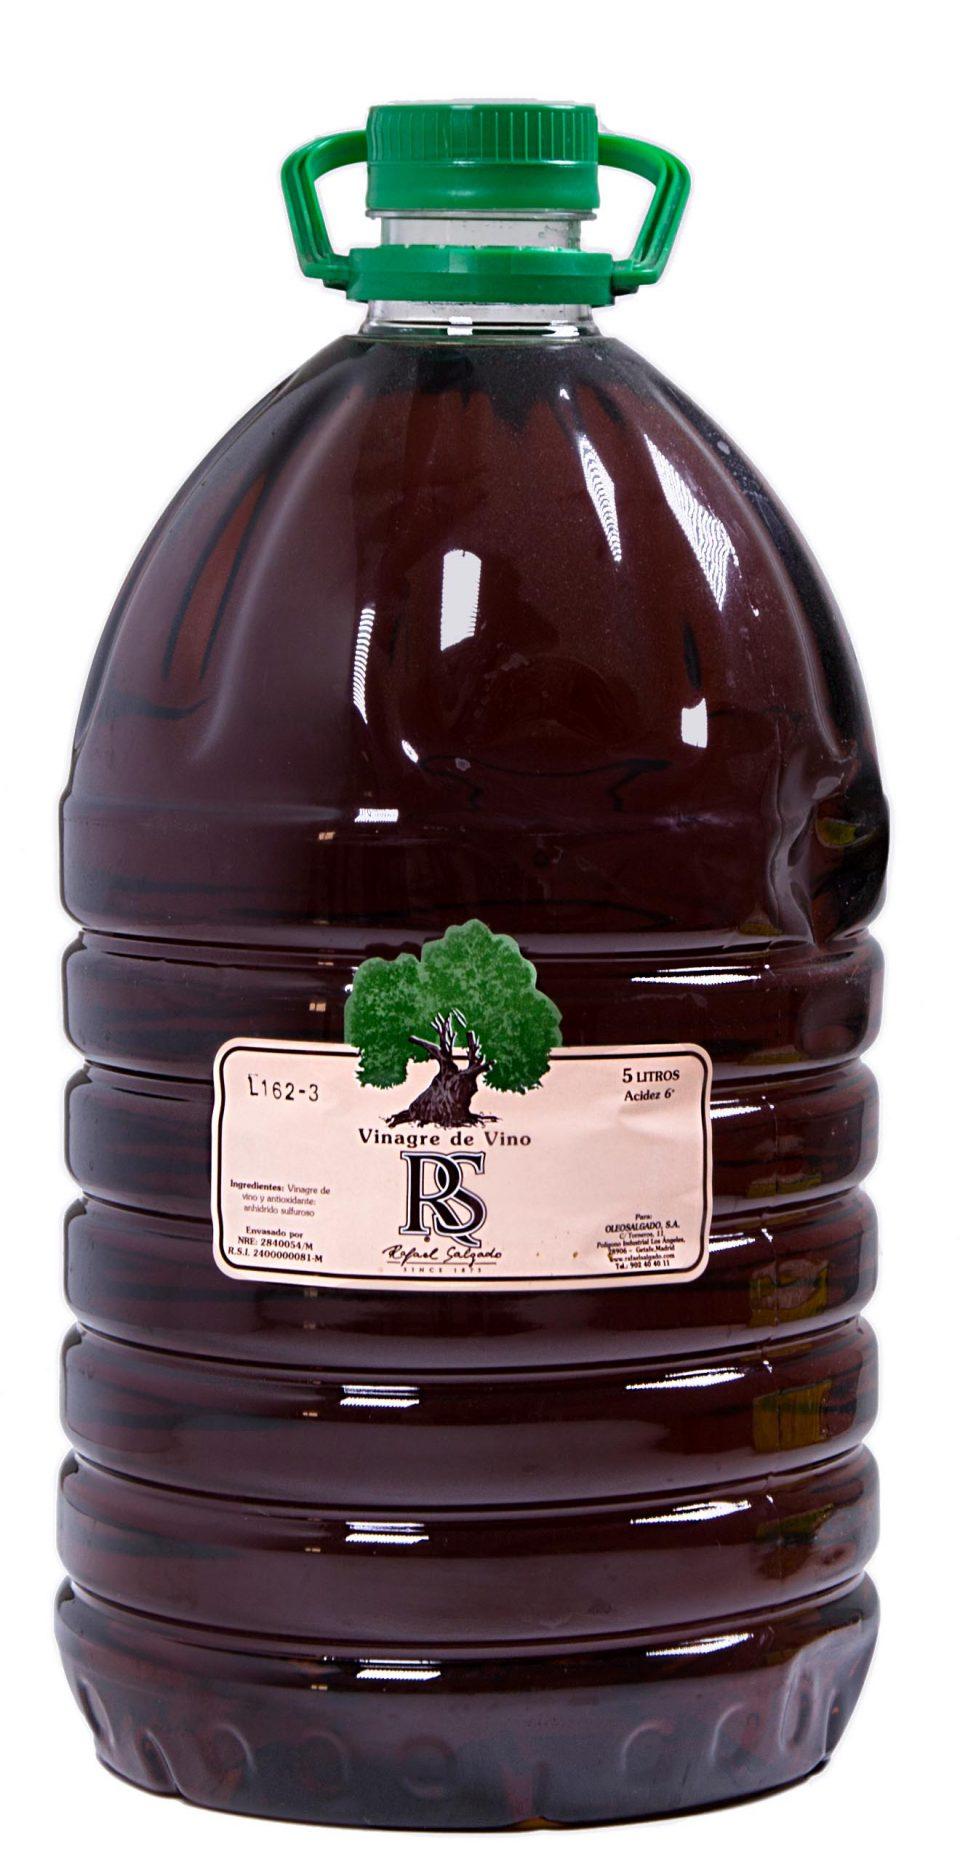 Vinagre de Vino tinto RS 5 litros